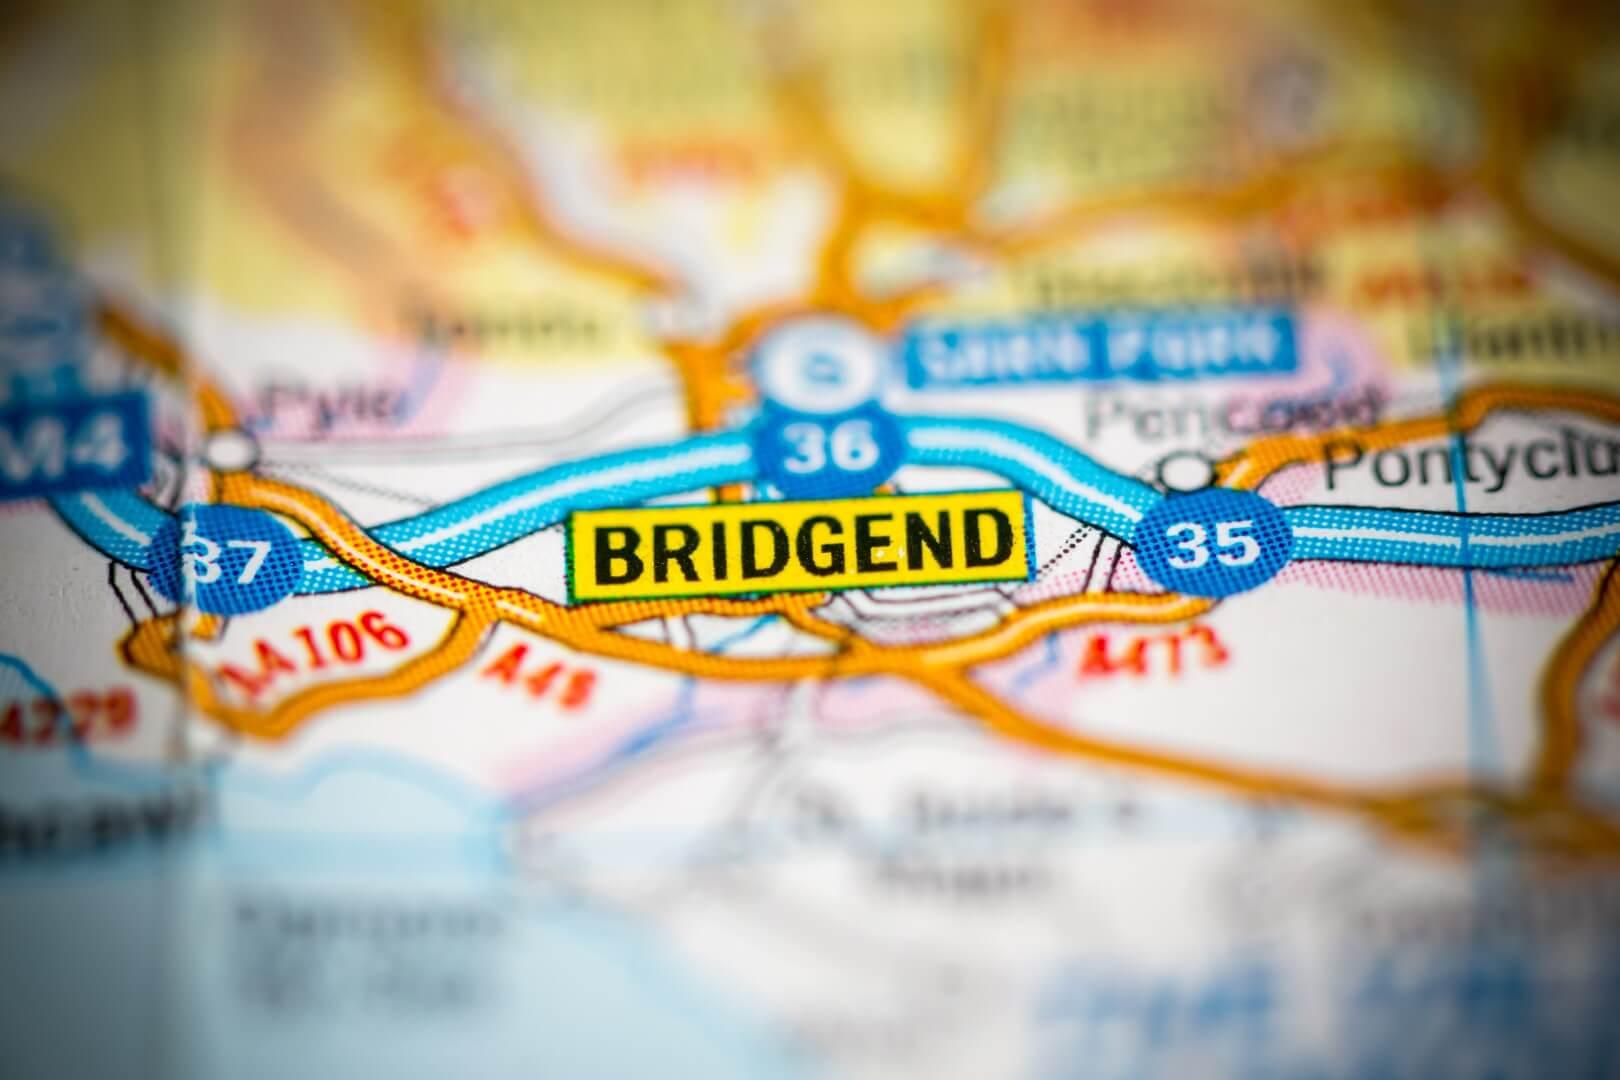 Bridgend driver medicals